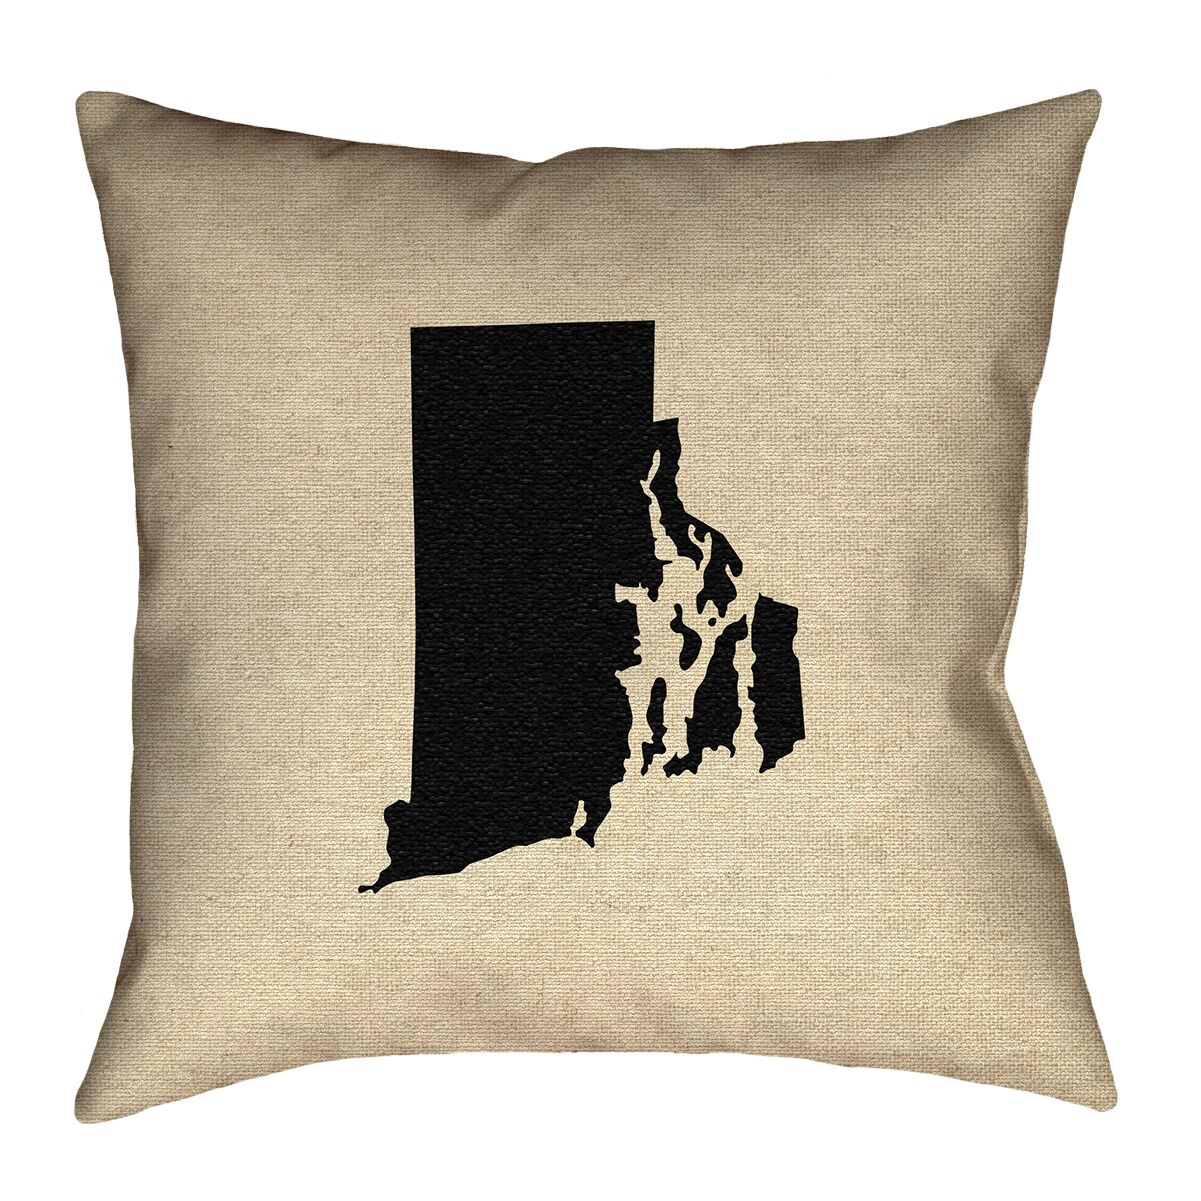 Sherilyn Rhode Island Floor Pillow Size: 40